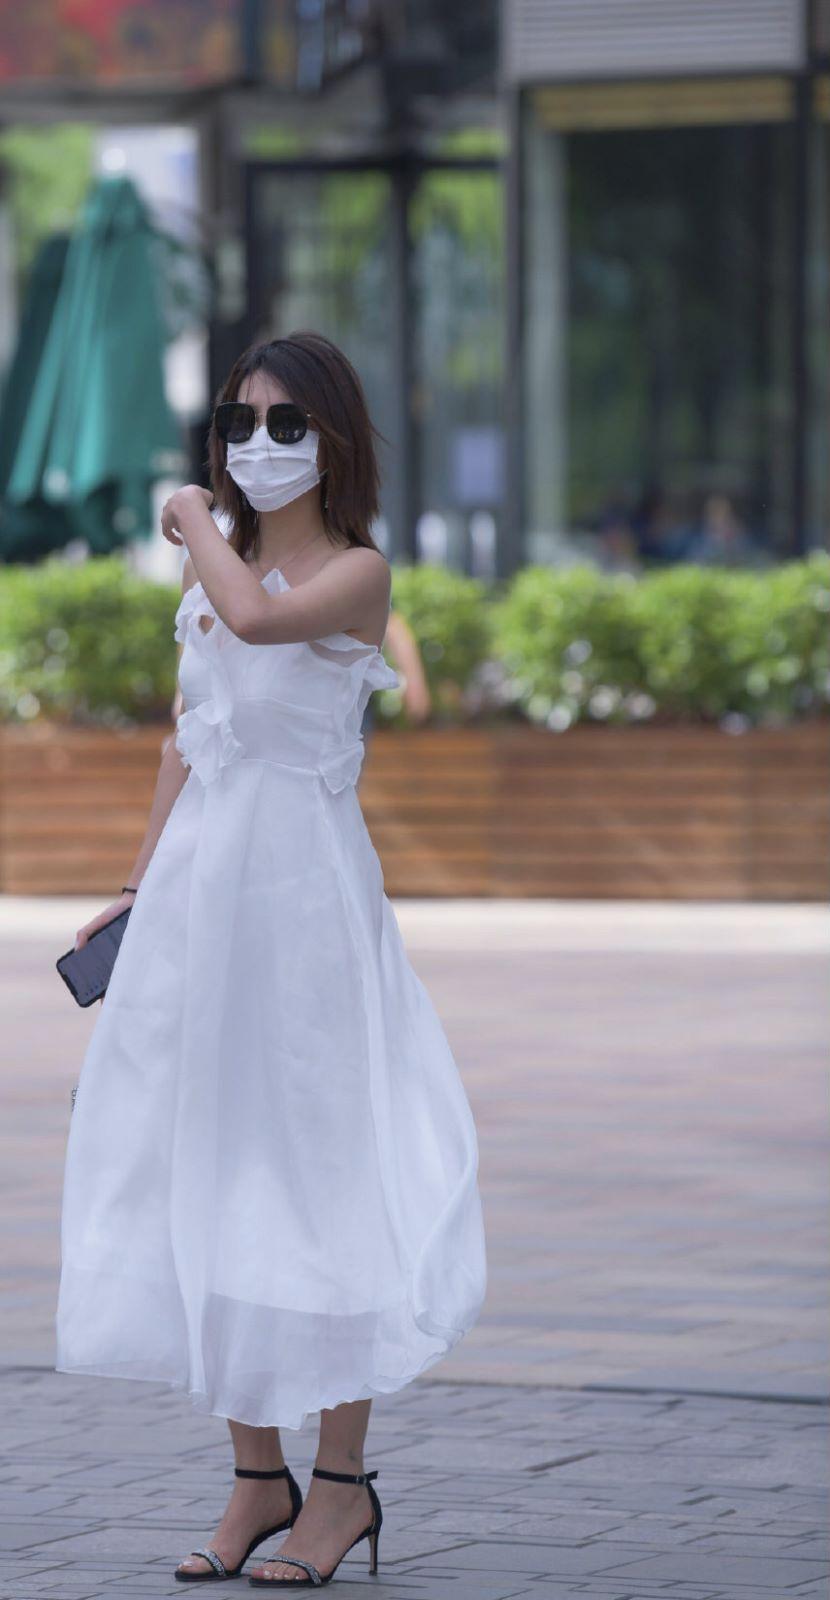 蕾丝连衣裙是一种时尚,让街头美女更时尚,性感又高雅